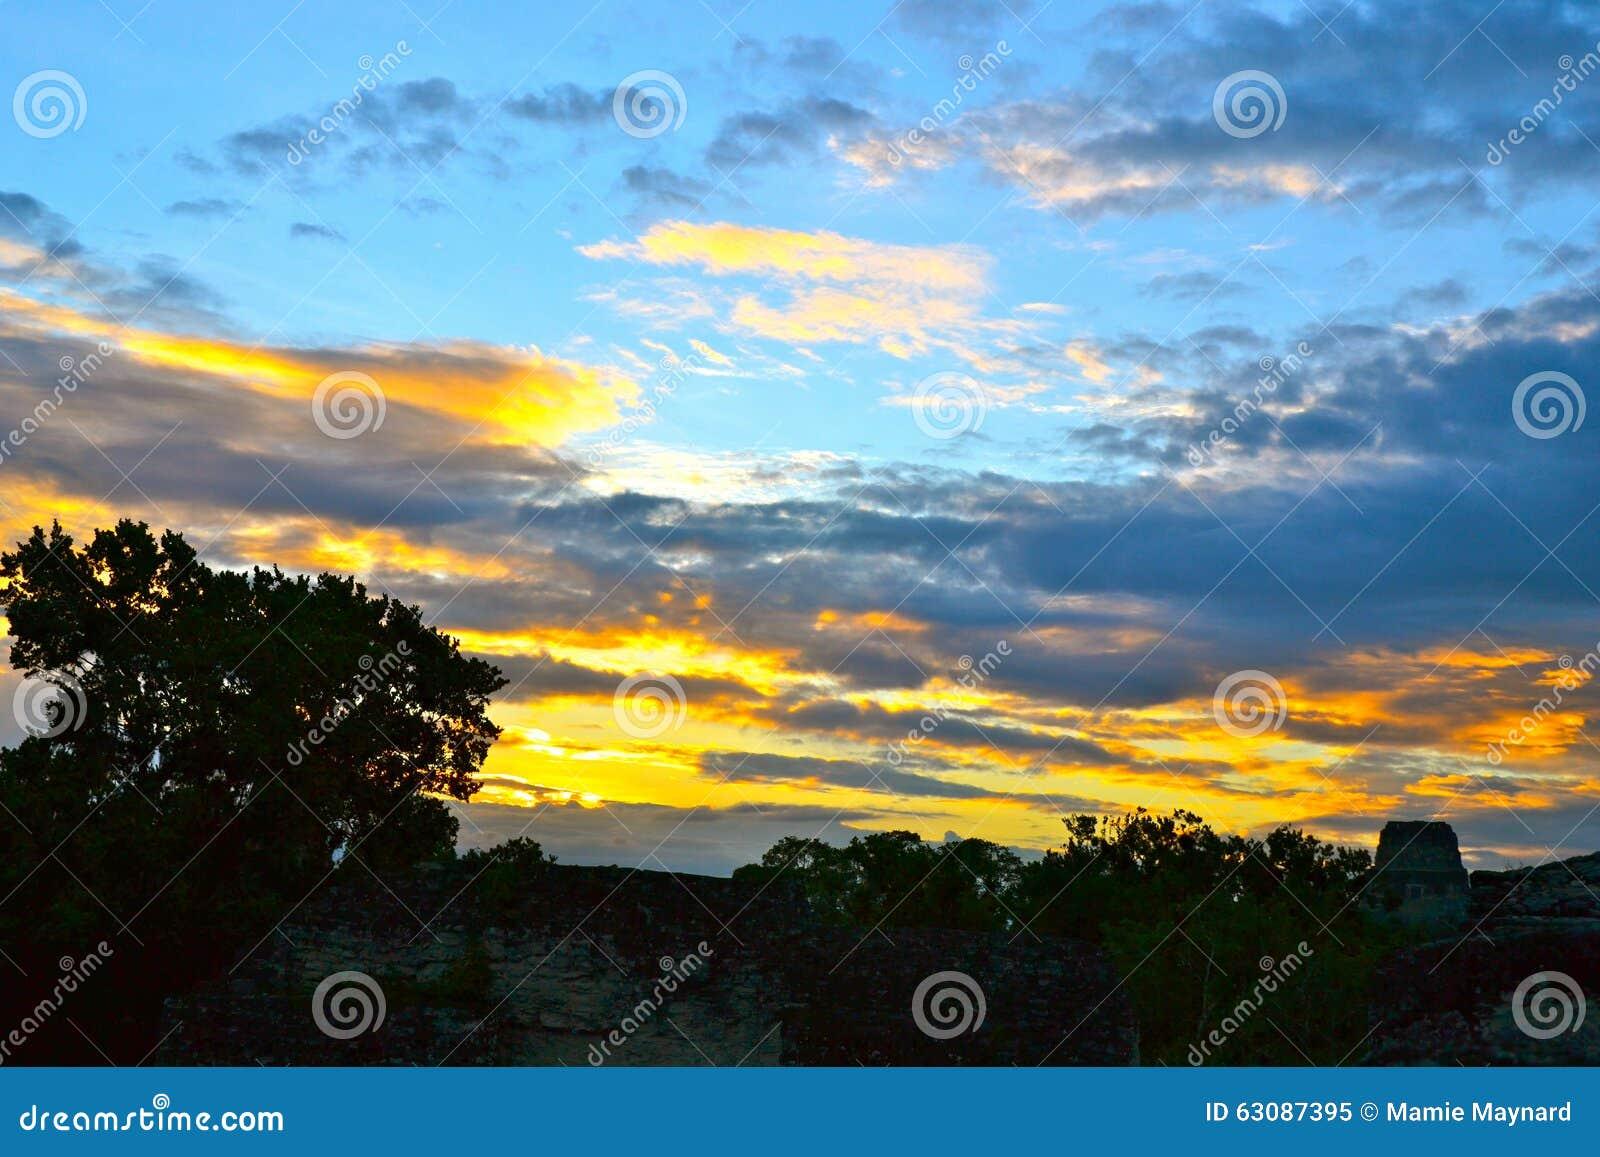 Download Ciel peint image stock. Image du vieux, tropical, majestueux - 63087395